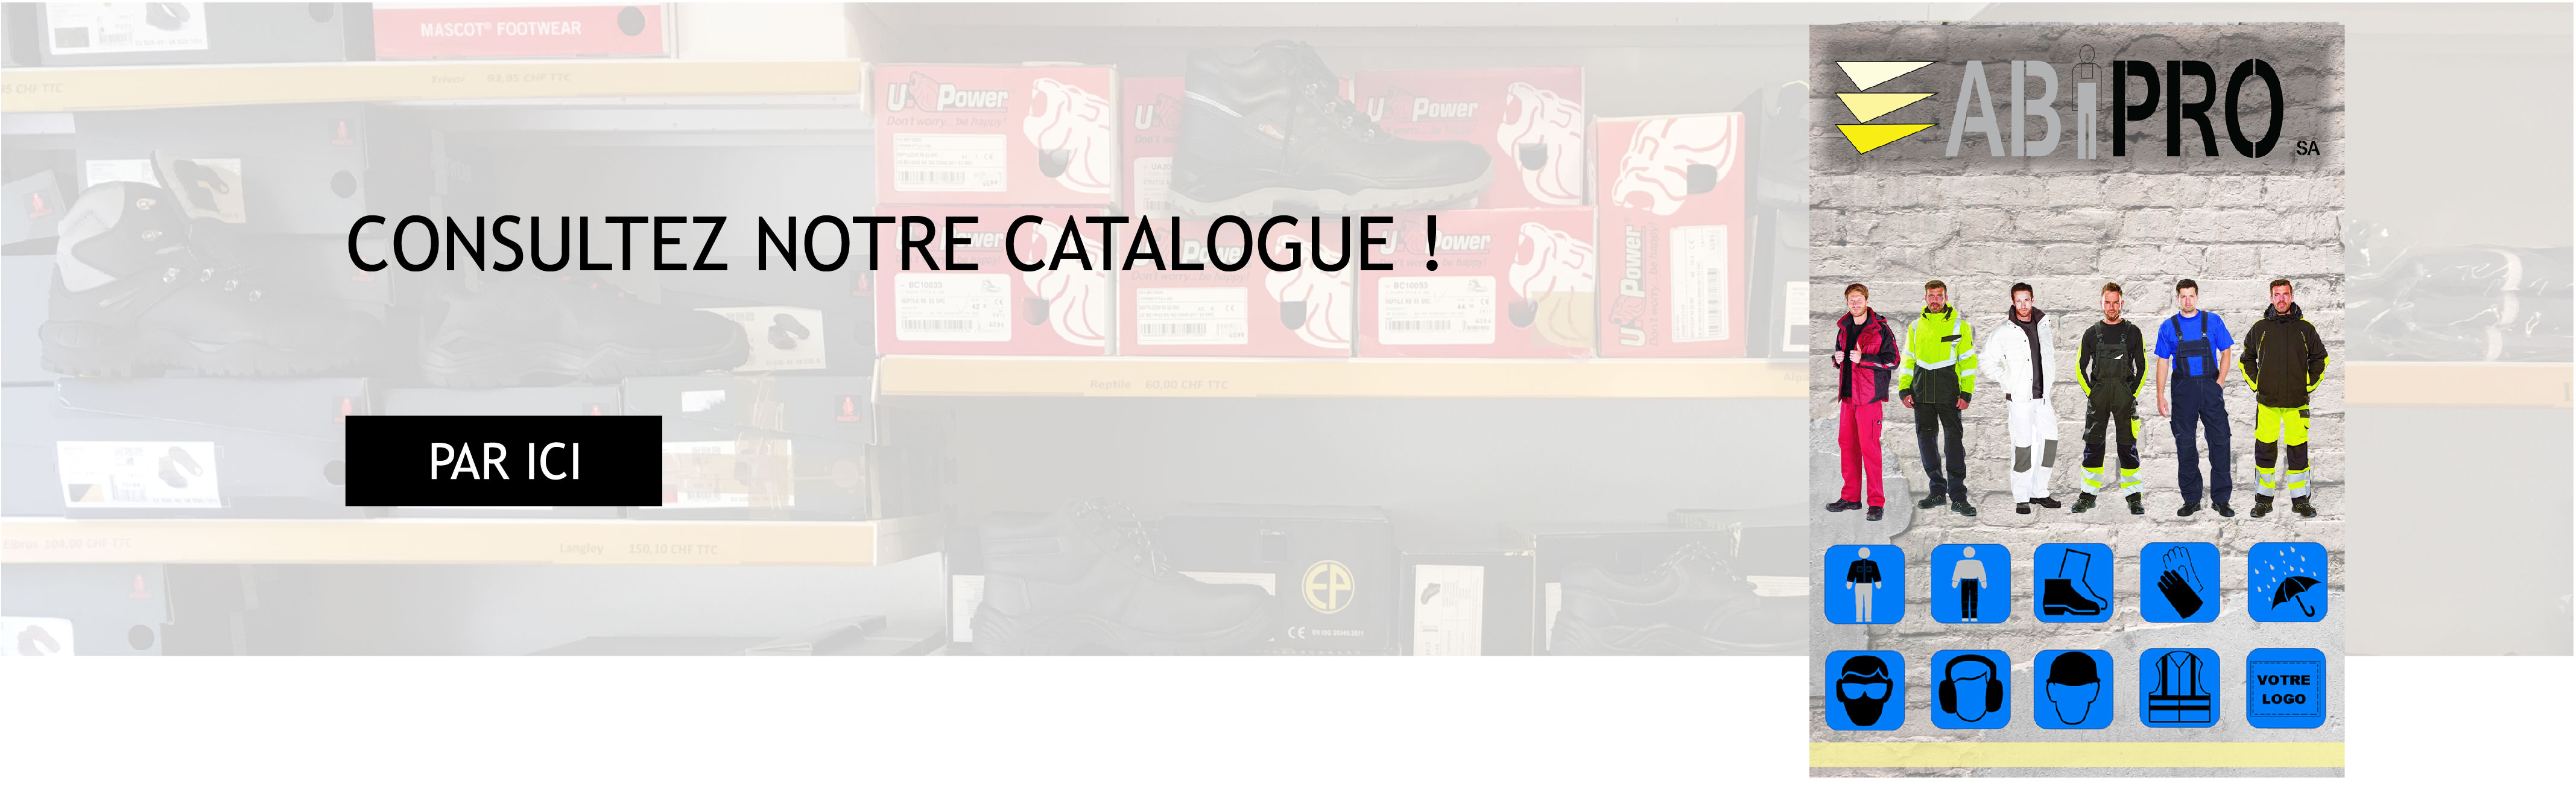 abipro_couverture_catalogue2017-01